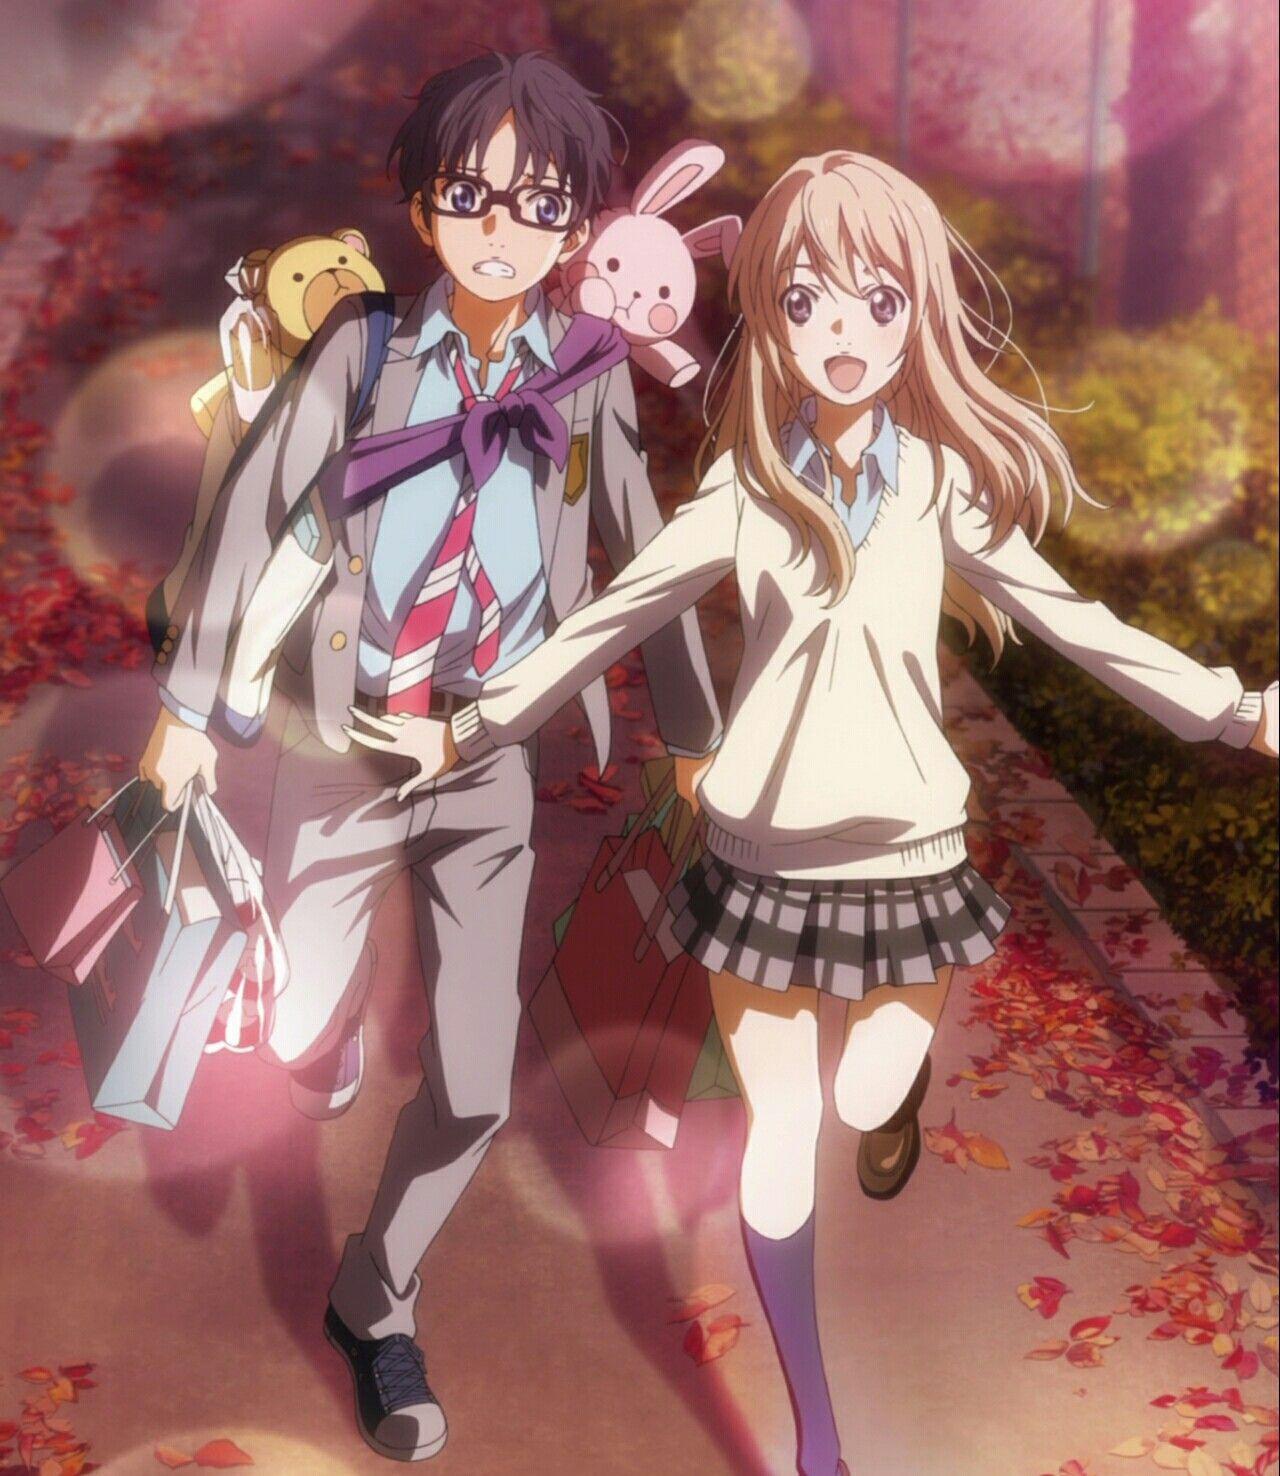 anime kawaii couple Image manga, Animé, Dessin